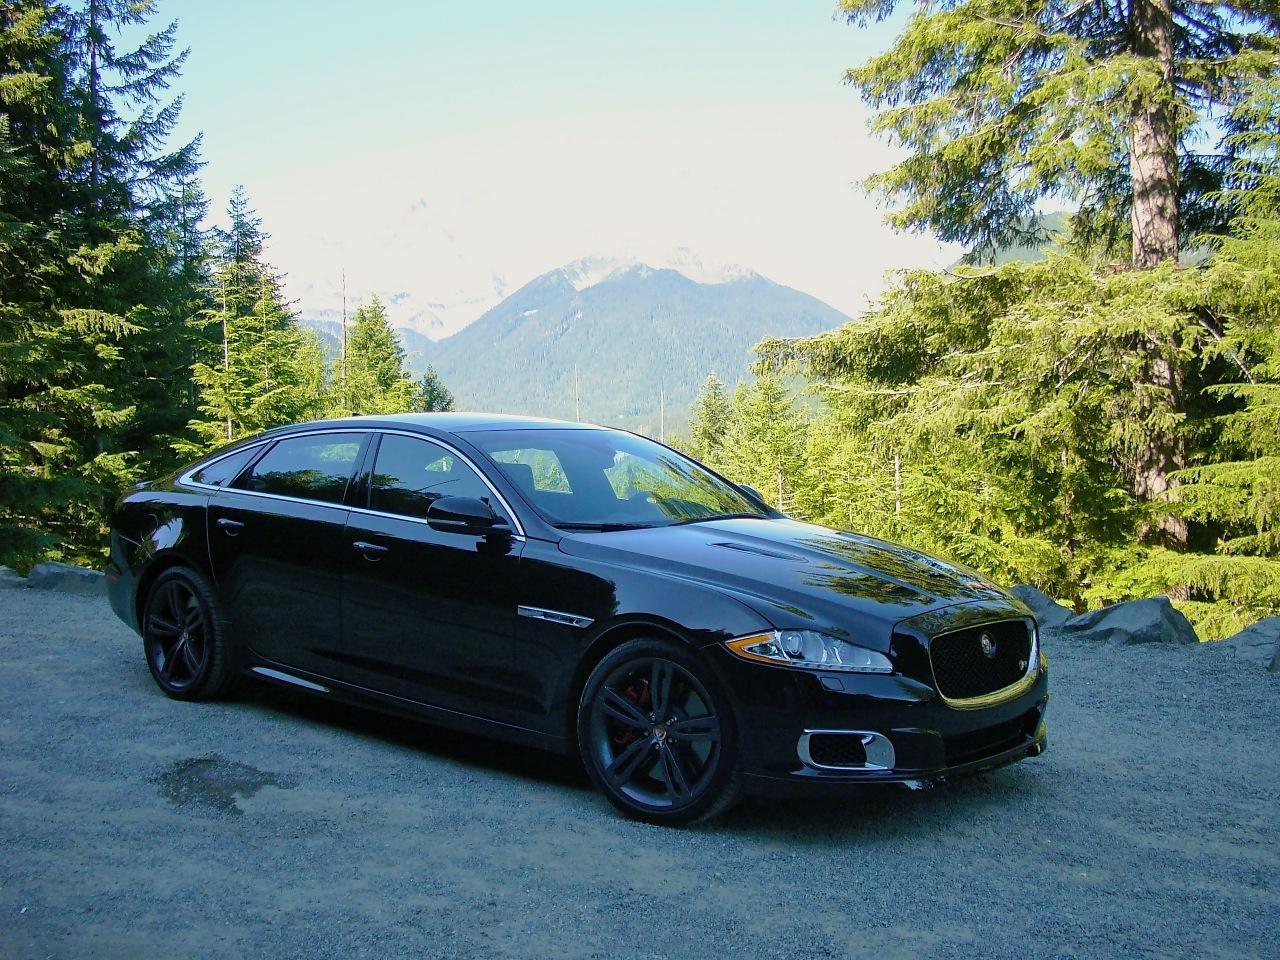 © Automotiveblogz: 2014 Jaguar XJR: Review Photos